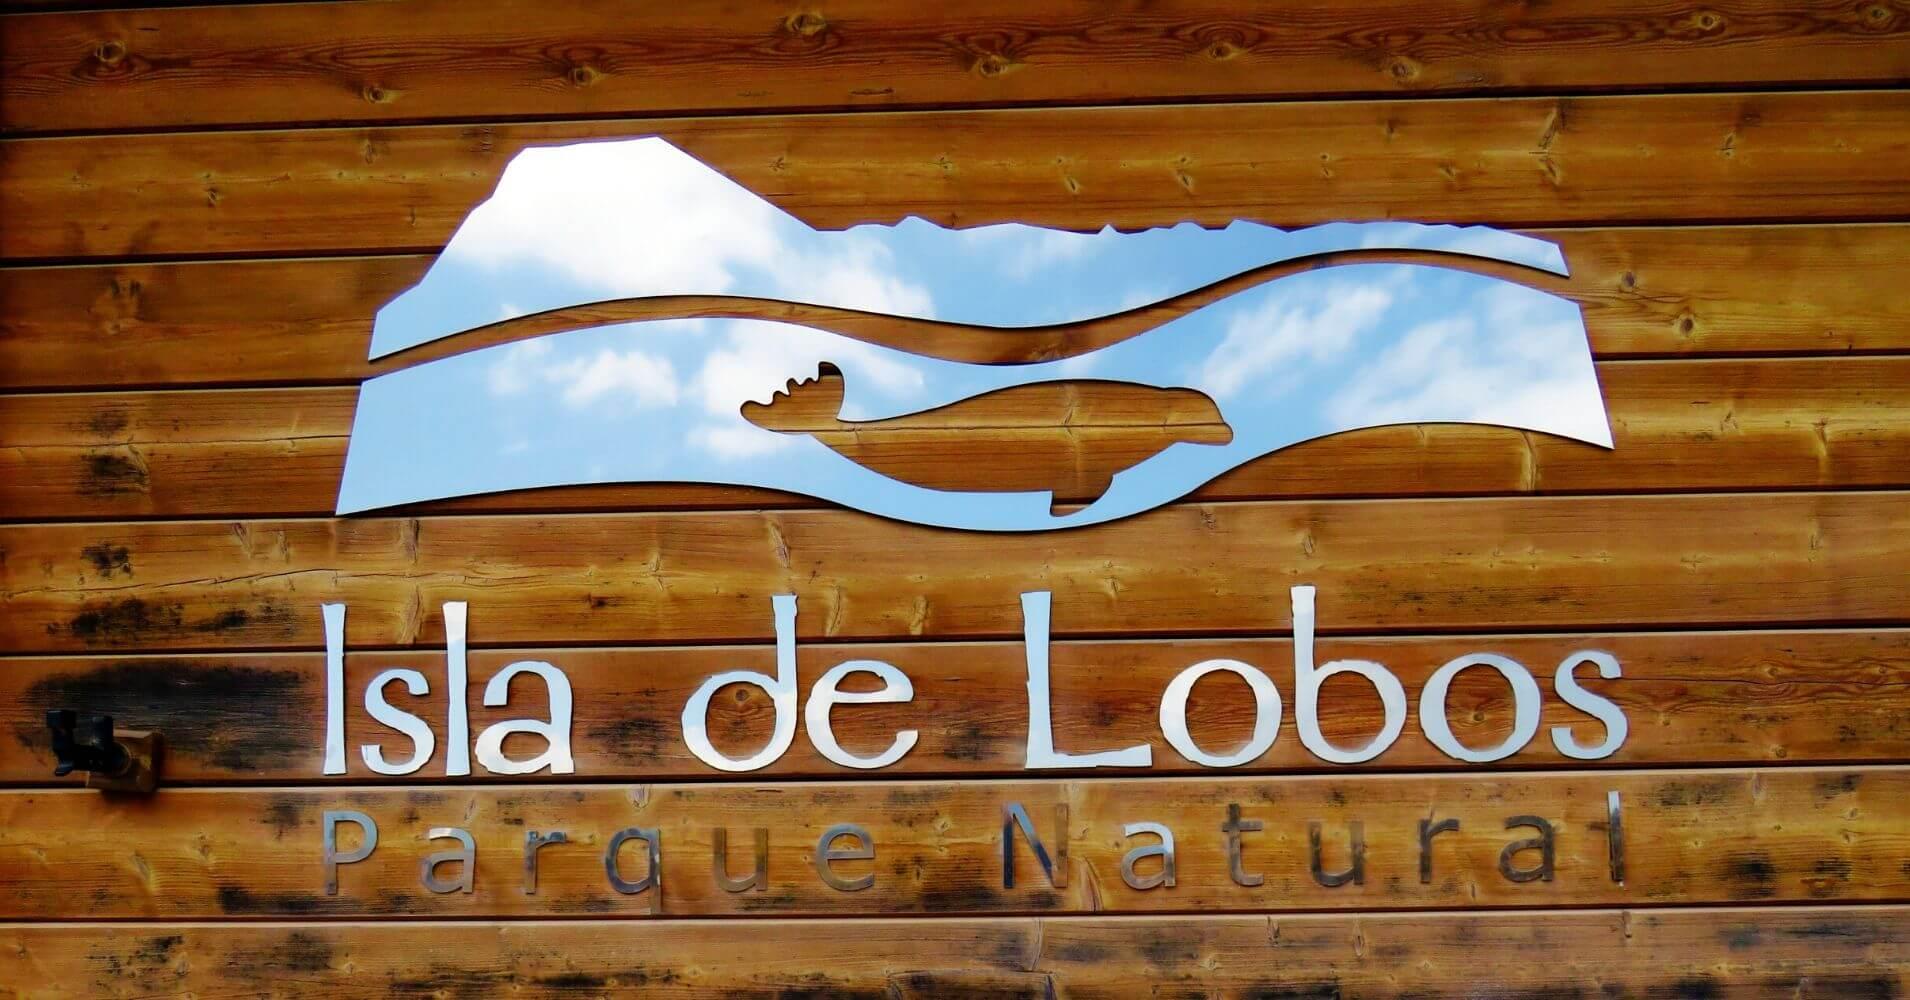 Parque Natural Isla de Los Lobos. Fuerteventura. Islas Canarias.